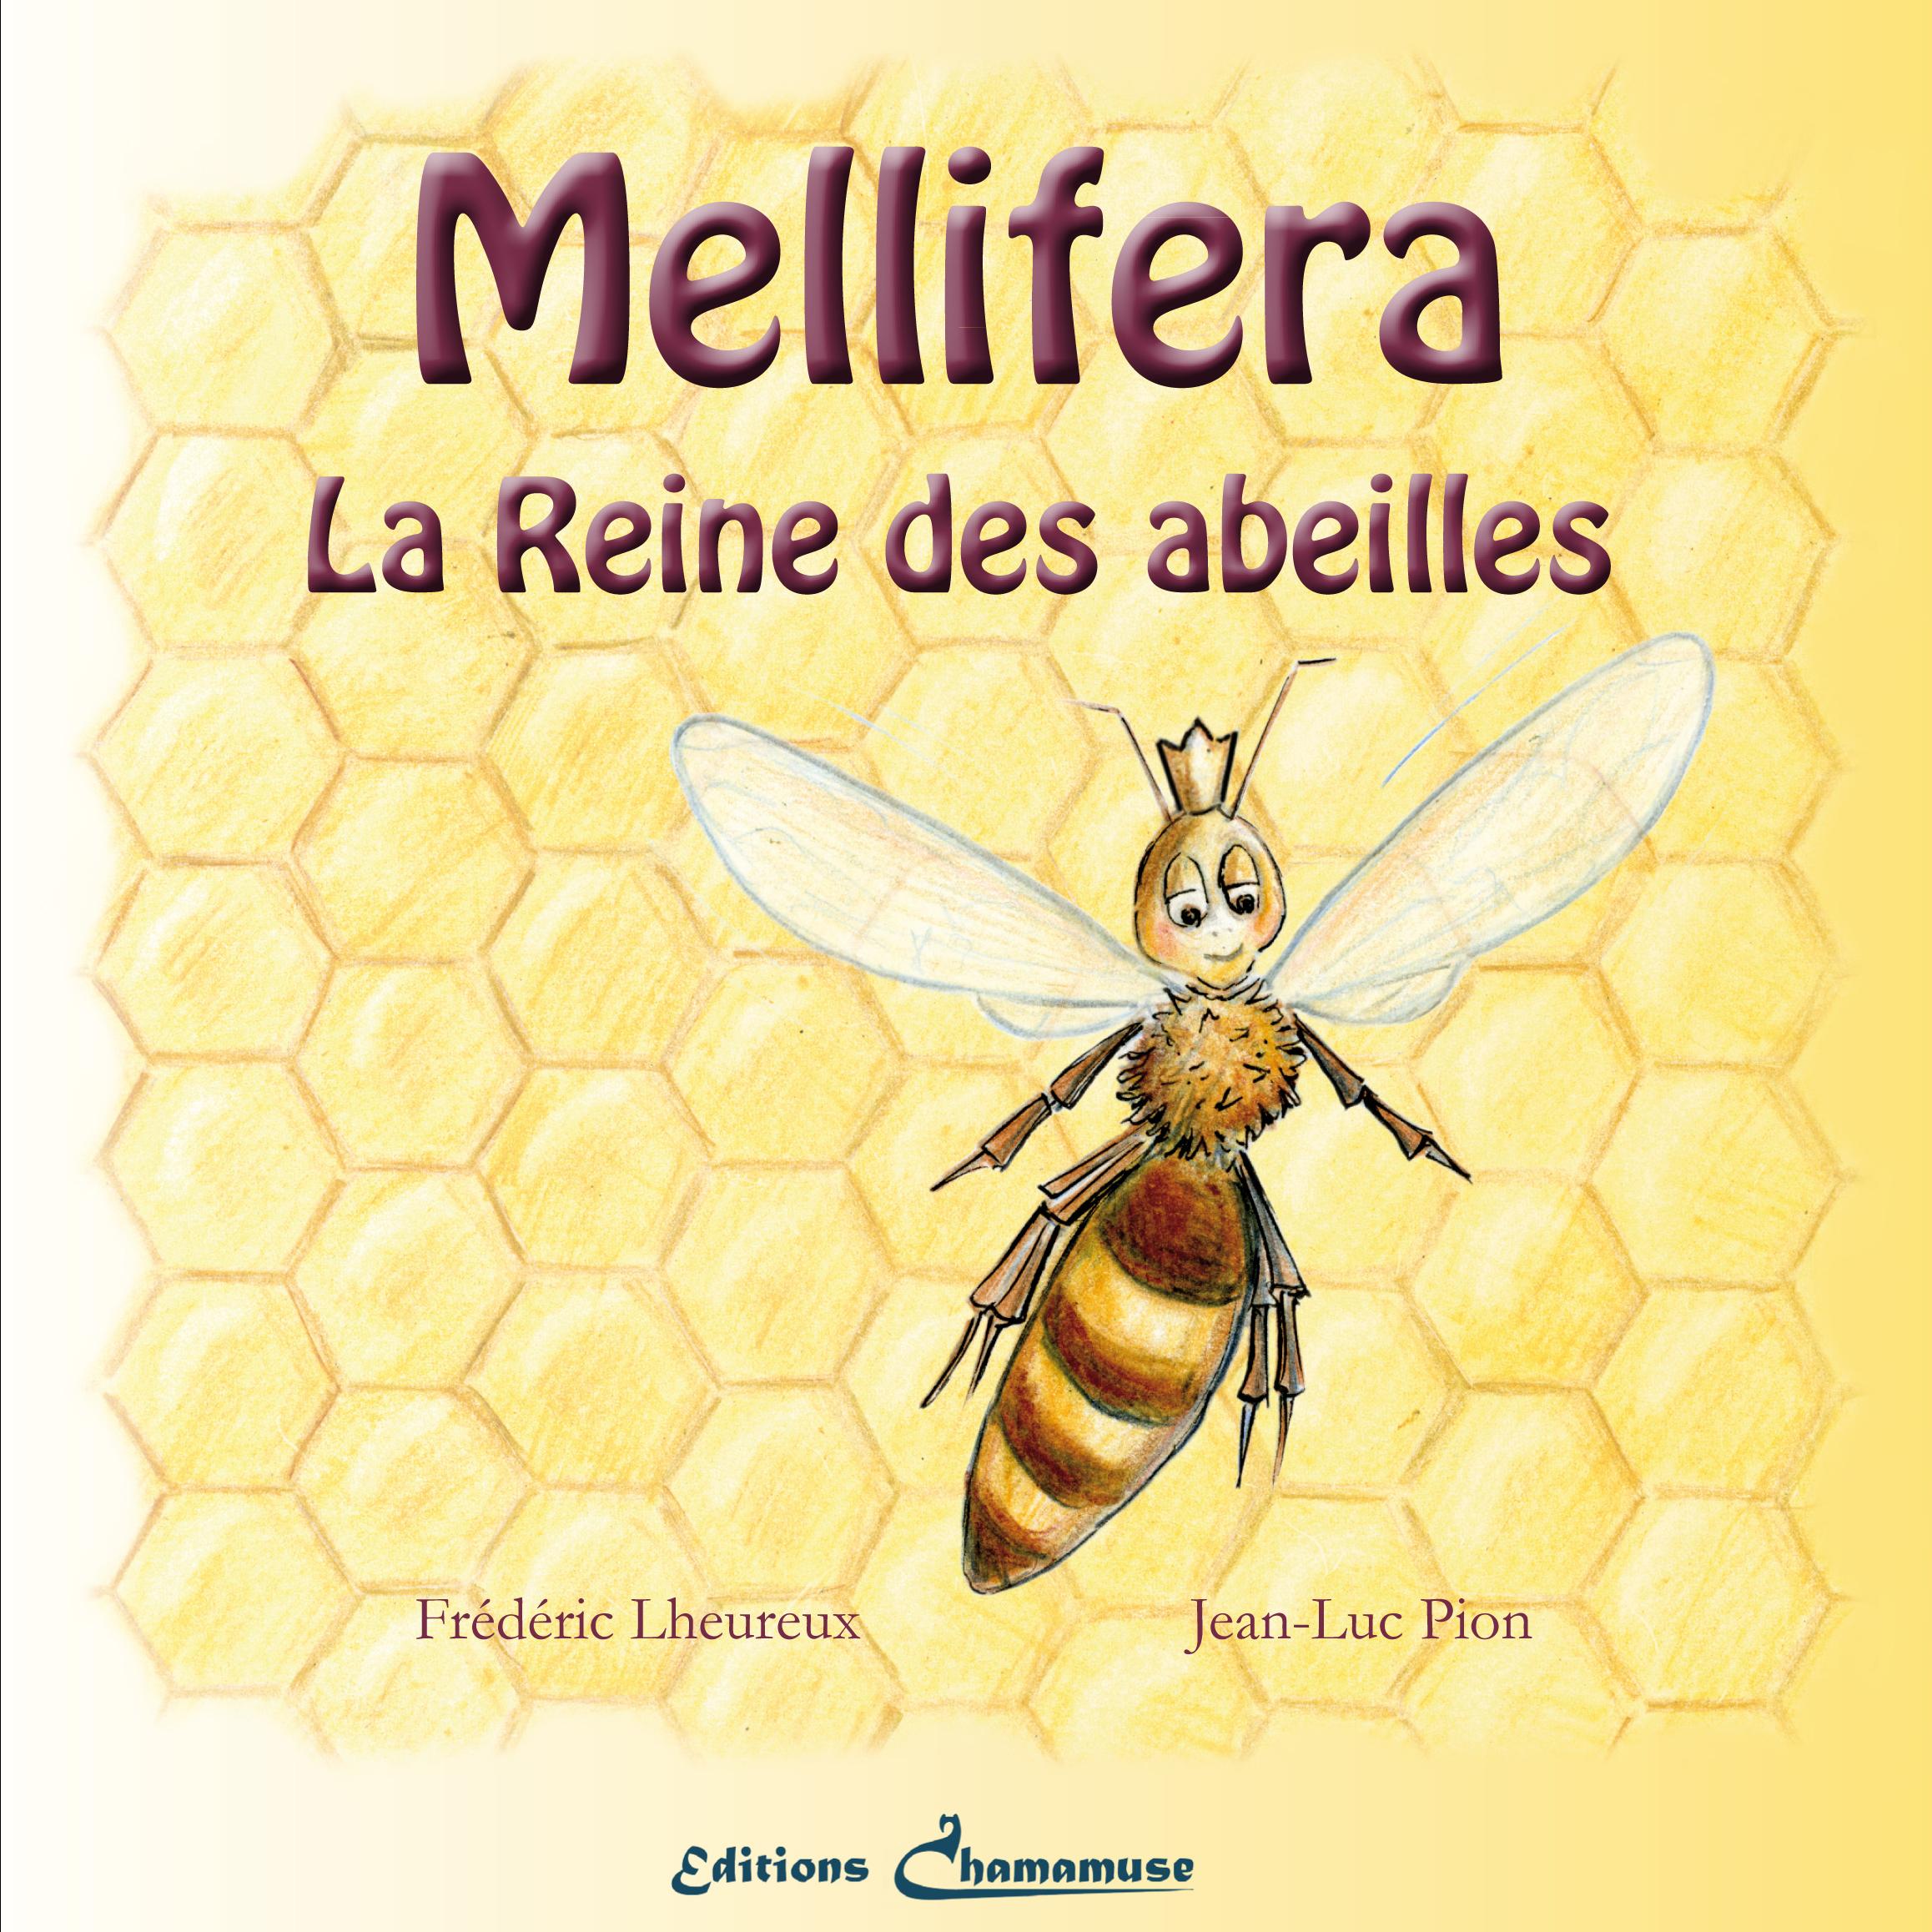 MELLIFERA LA REINE DES ABEILLES